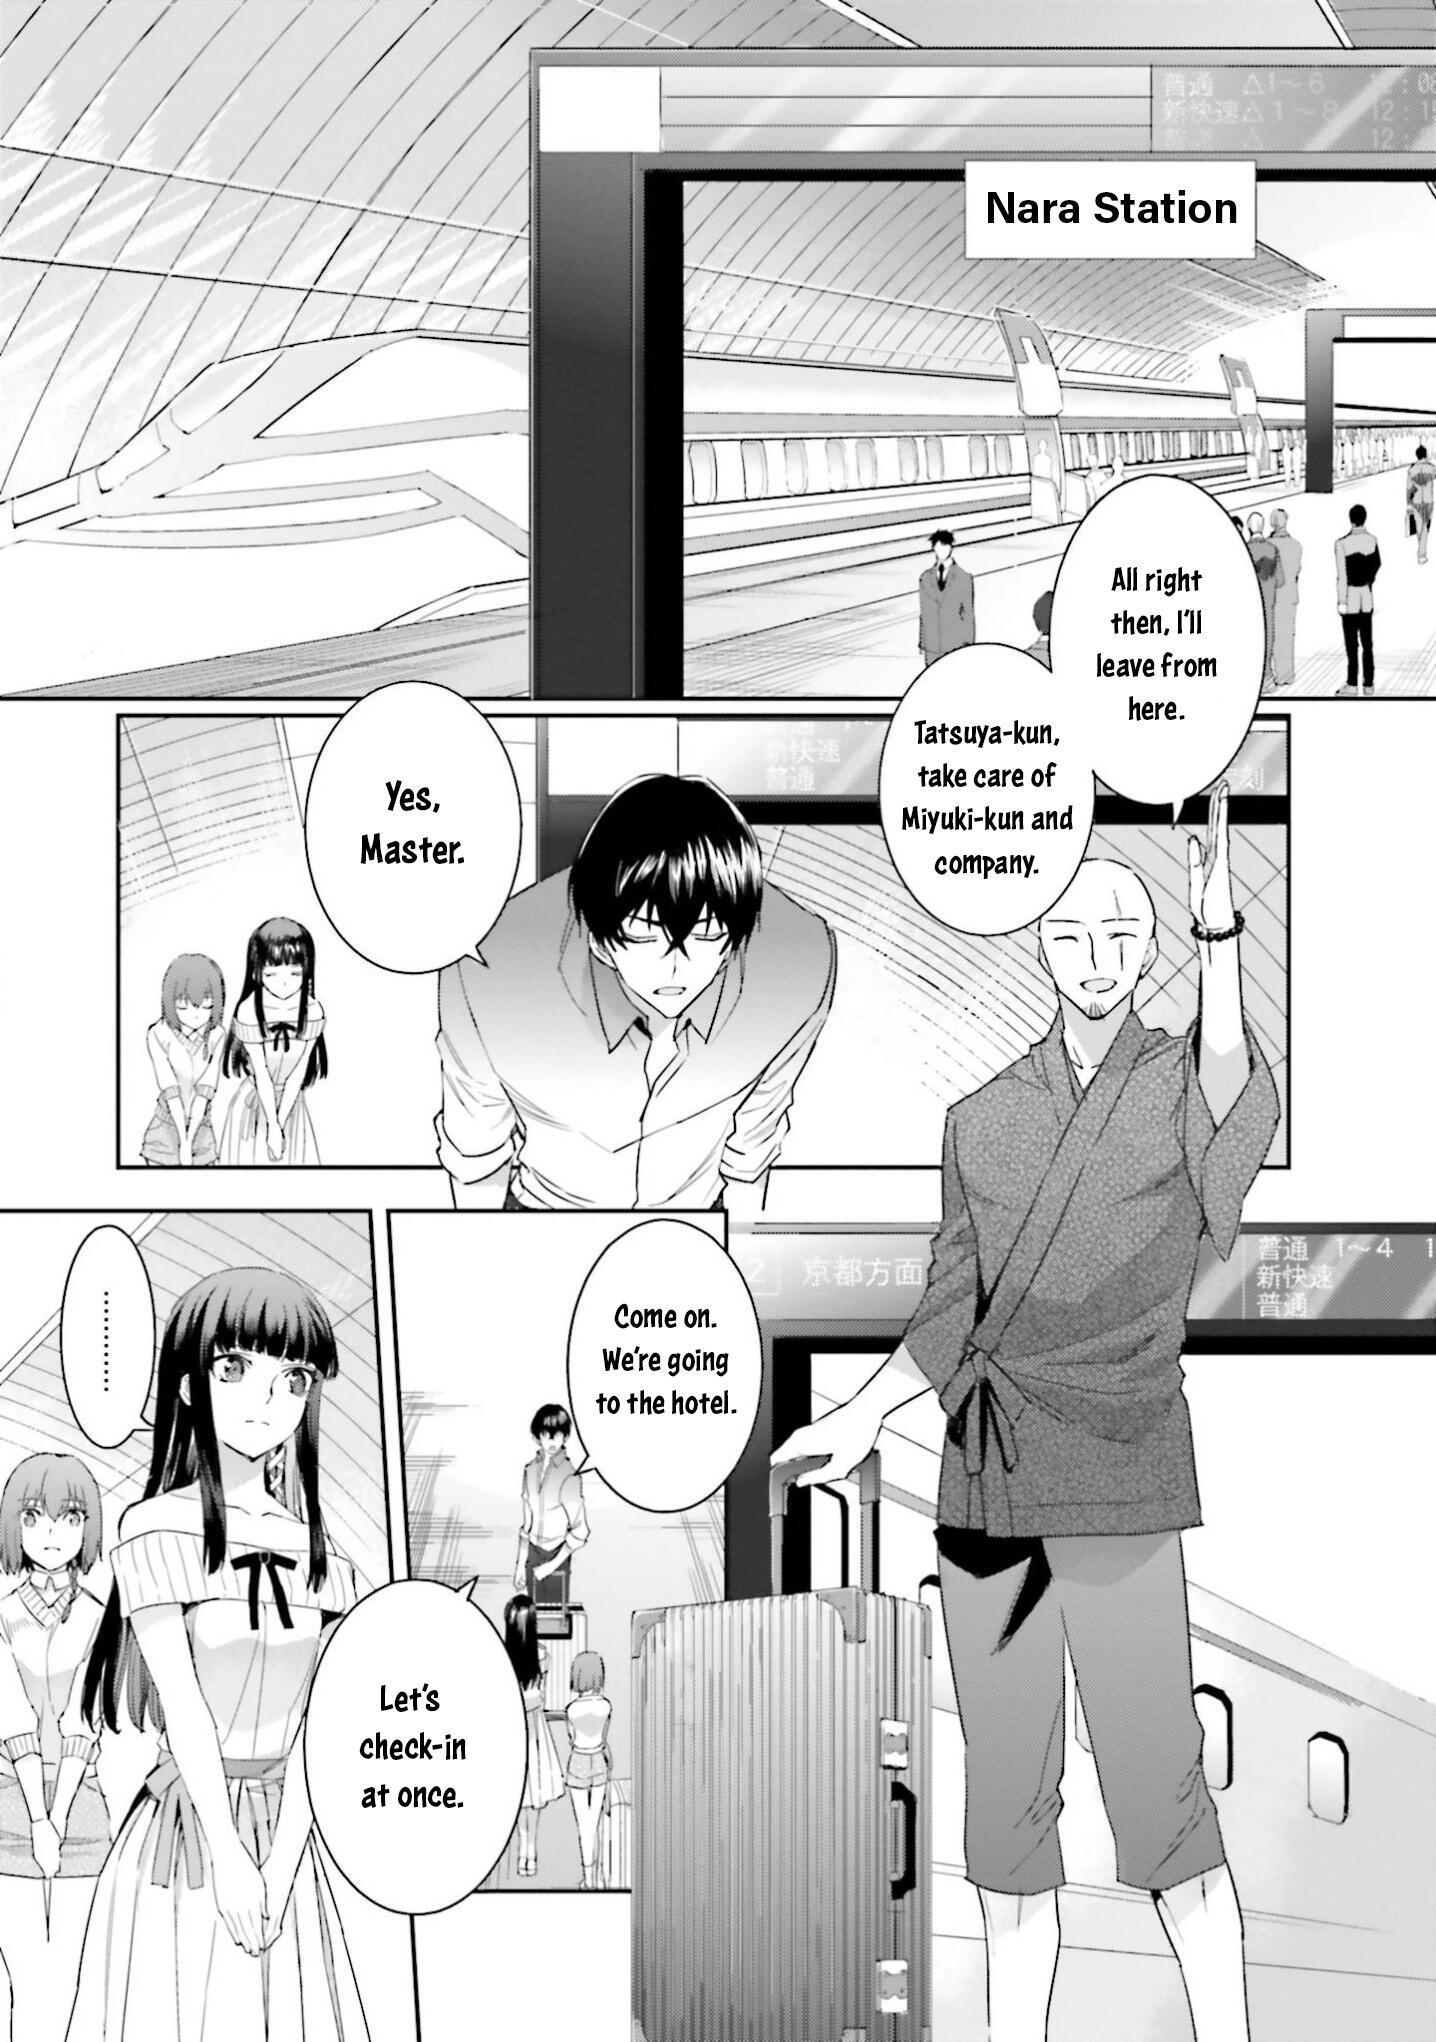 Mahouka Koukou no Rettousei - Steeplechase-hen - chapter 6-eng-li